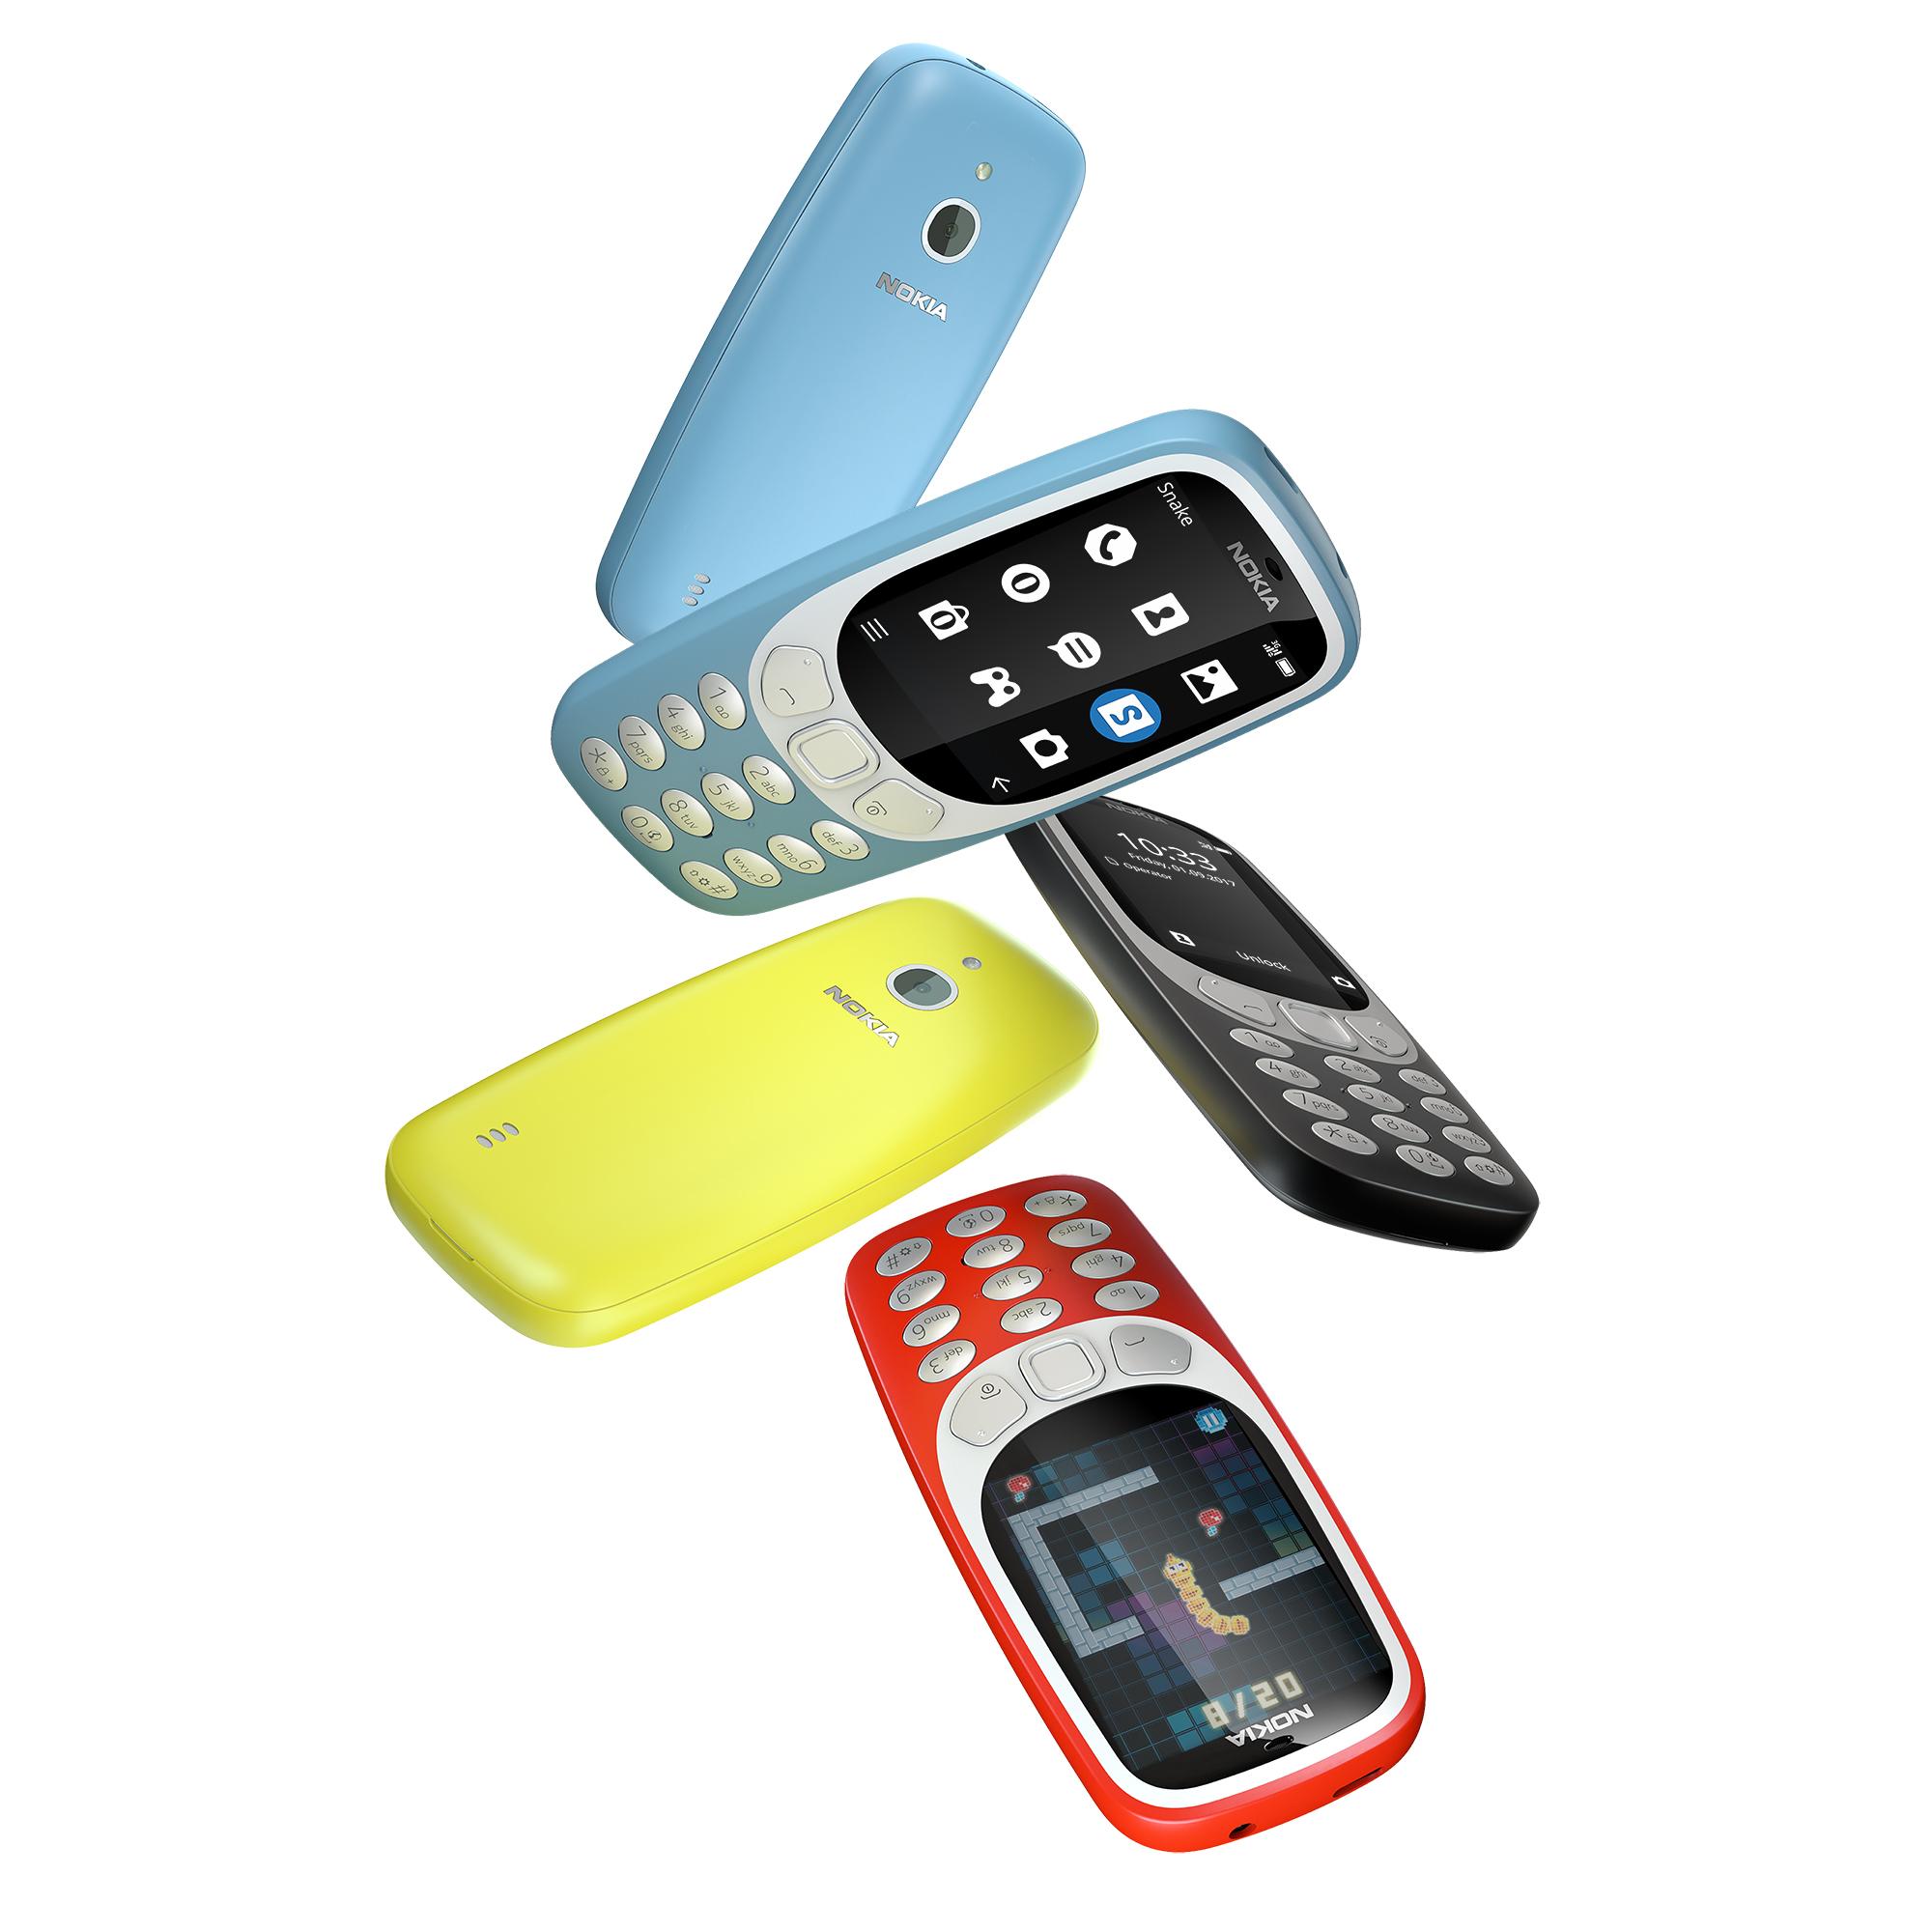 那些年偷帶手機去學校的經典機款!NOKIA 3310 3G版在台上市